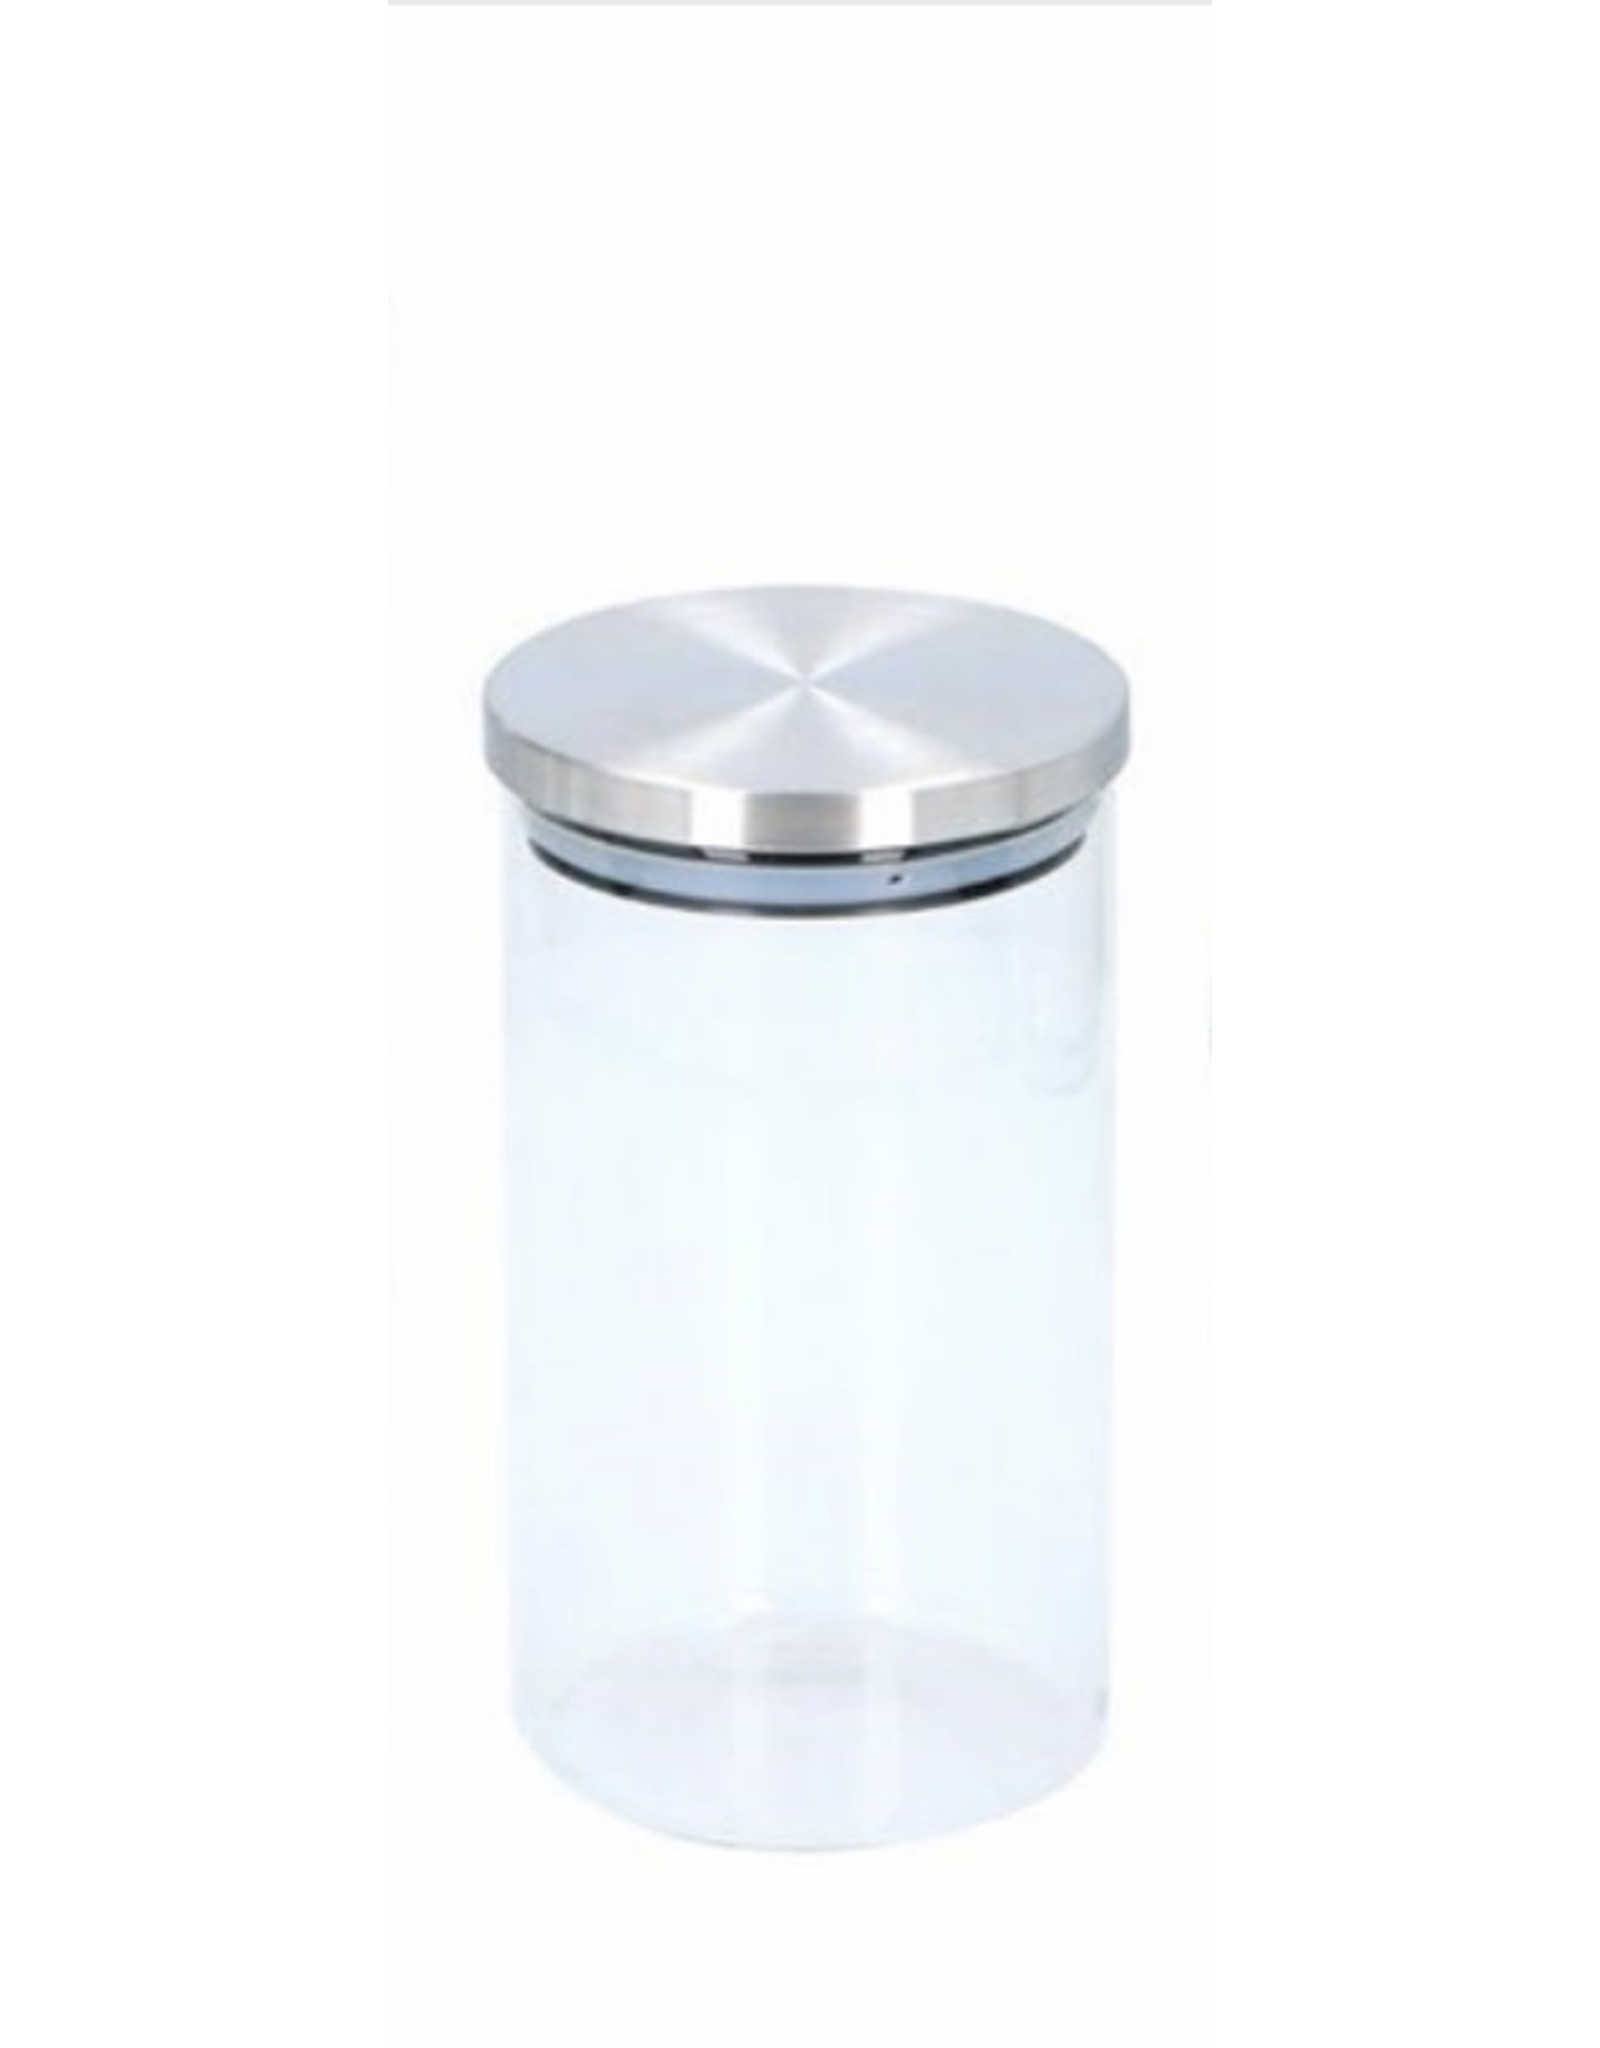 ALPINA Alpina Voorraadpot glas 950 ml